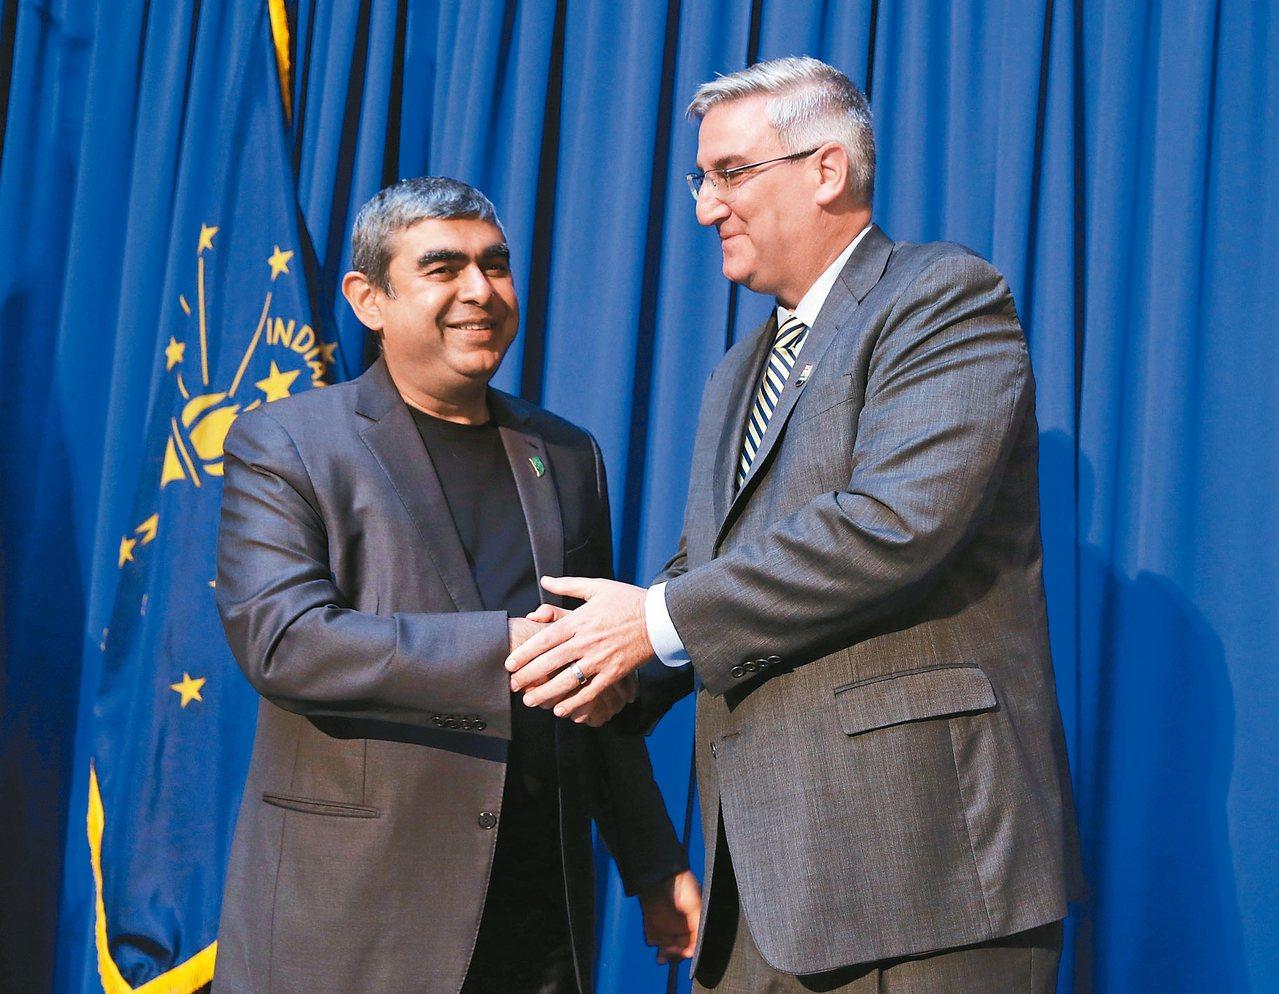 印第安納州長賀康(右)歡迎印孚瑟斯執行長執行長西卡(左)。 美聯社